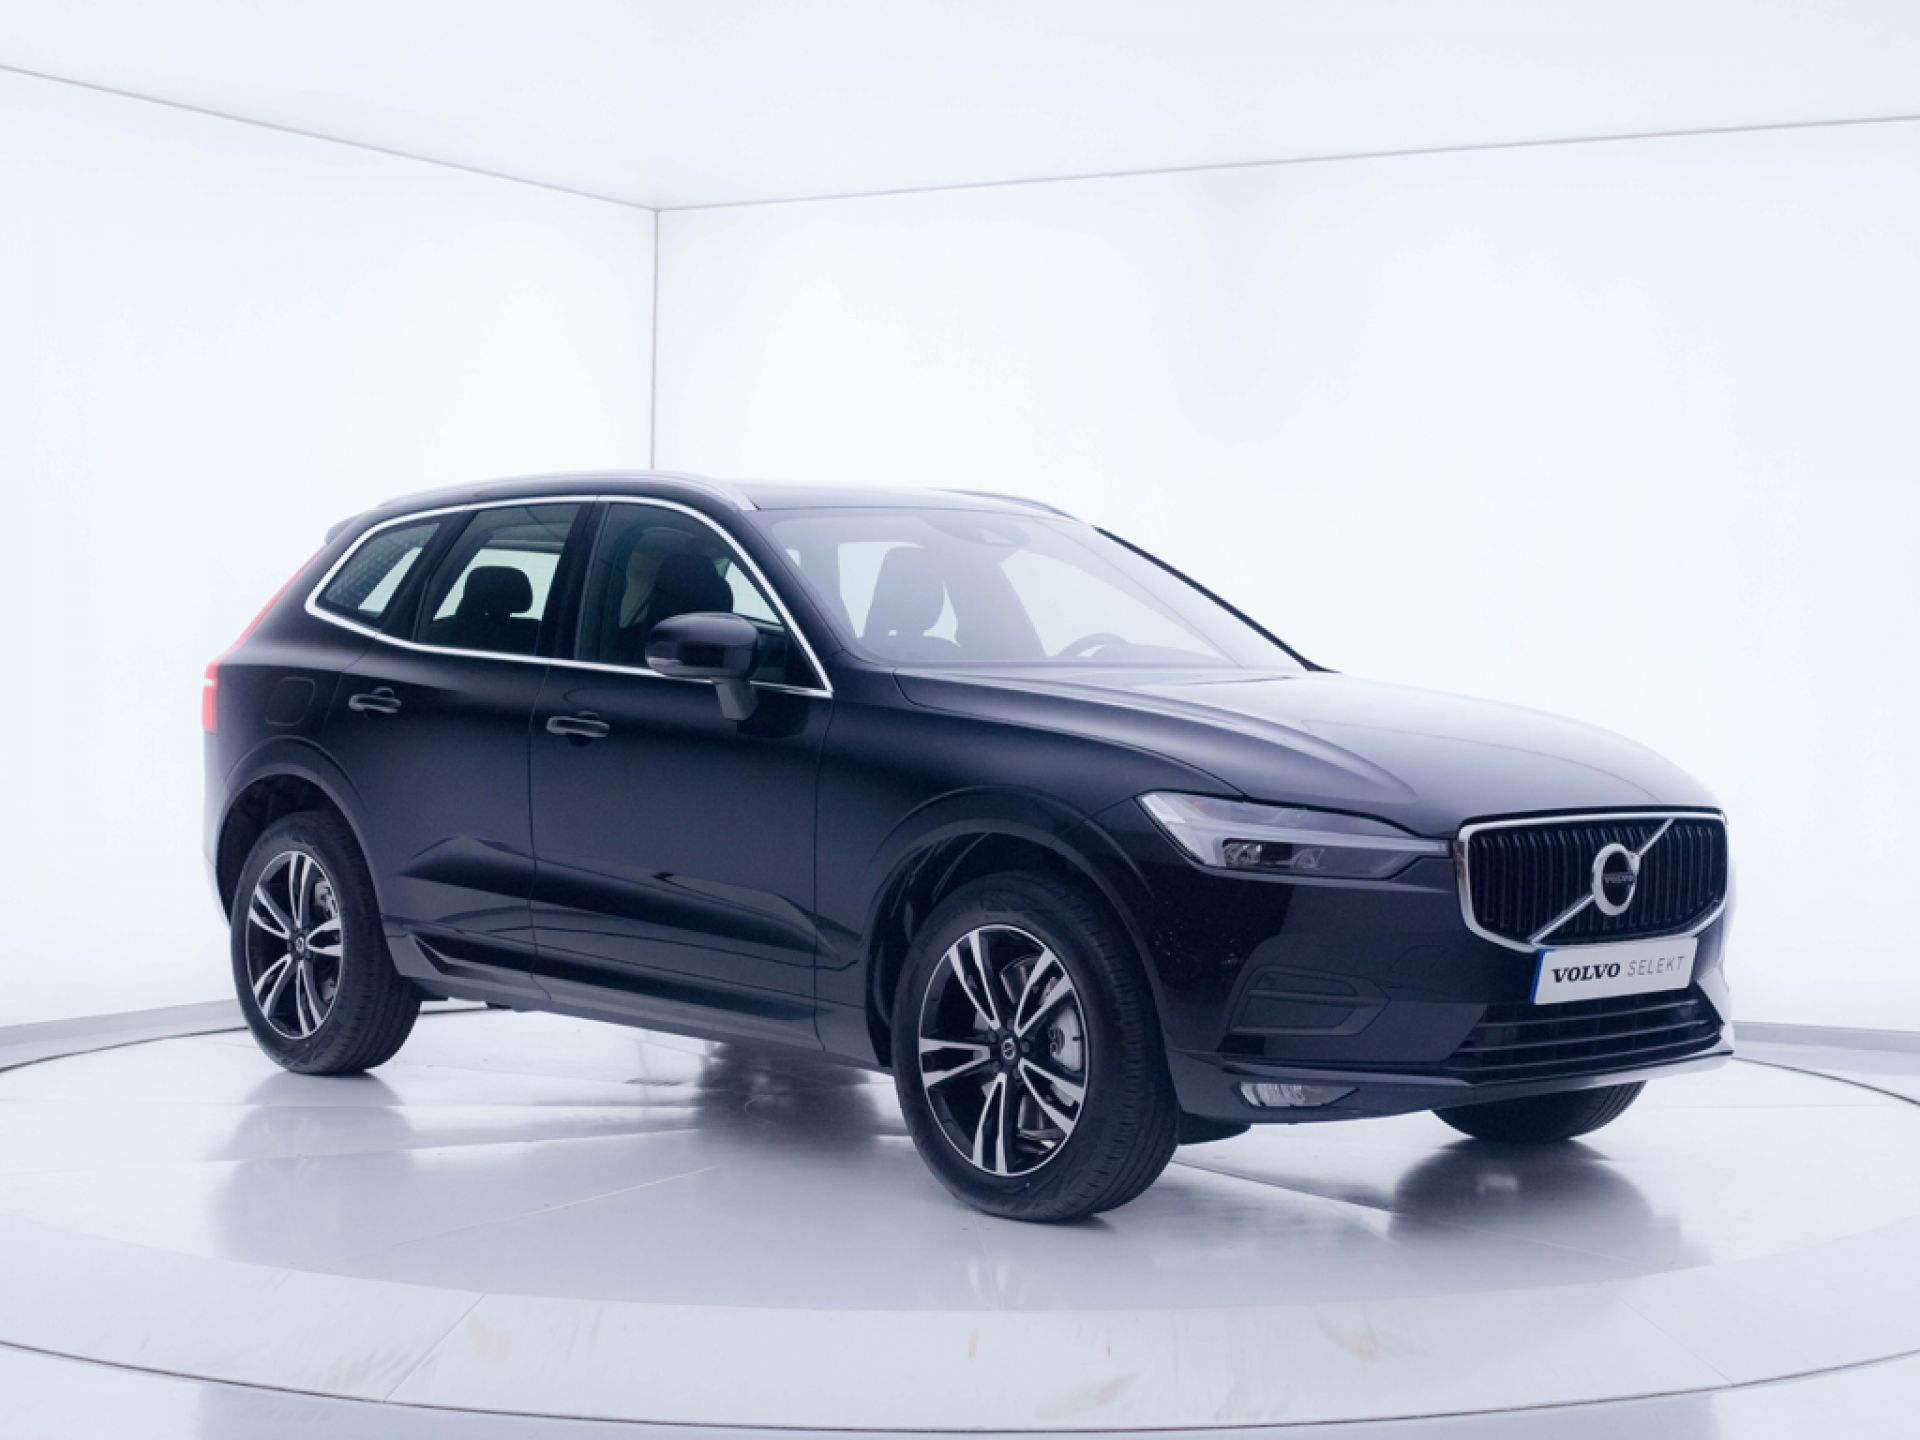 Volvo XC60 2.0 B4 D AWD Momentum Pro Auto